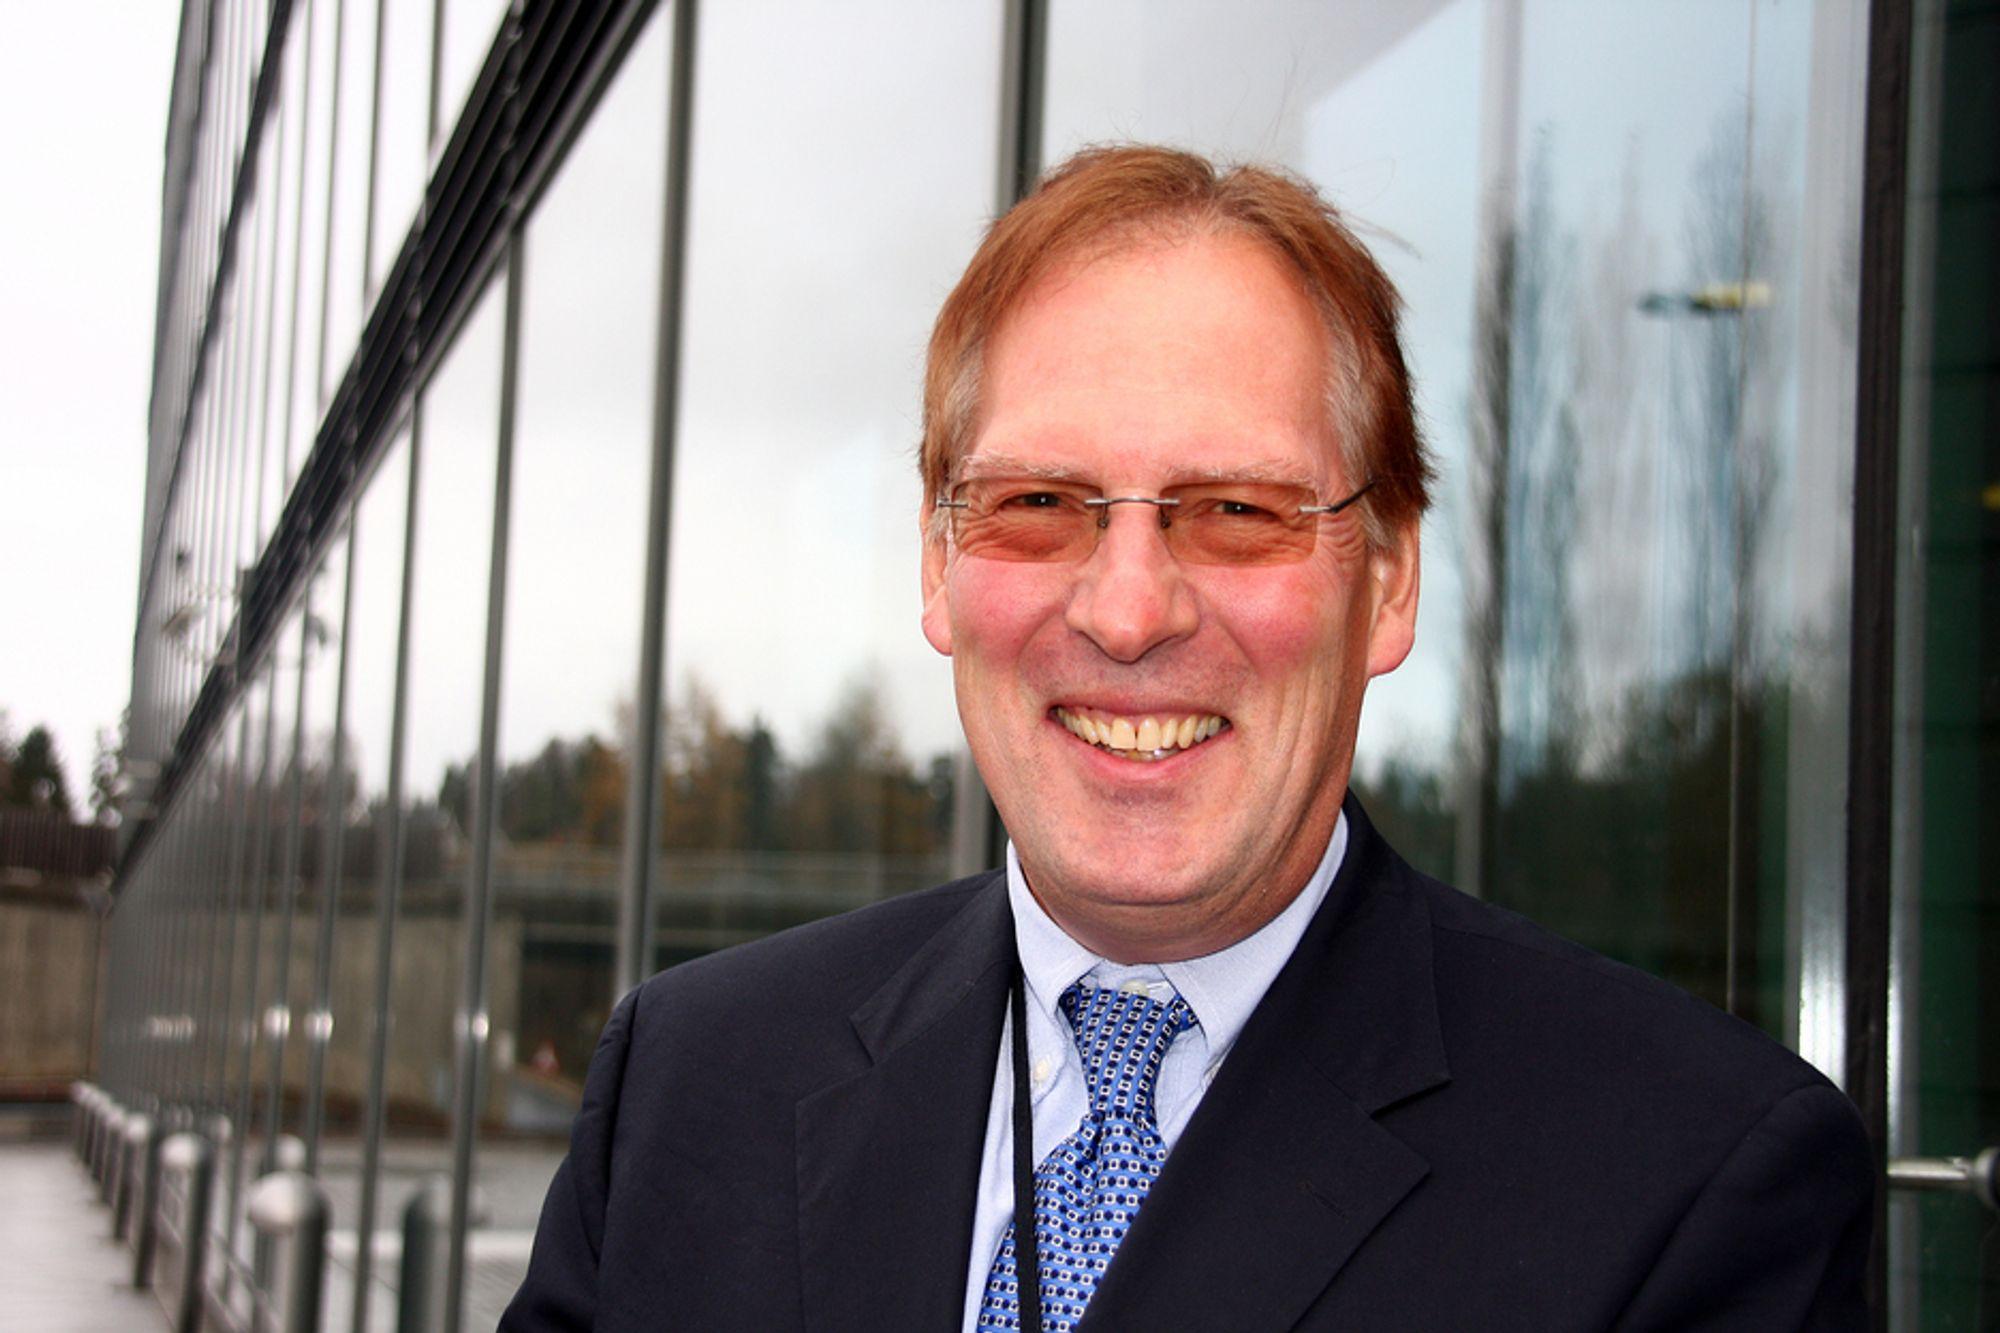 STOLT: Lars Hauk Ringvold, leder for Hydros byggvirksomhet, smiler fra øre til øre etter at det i dag ble kjent at Wicona TEmotion er kåret til beste fasadeløsning under BAU-messen i München. (Arkivfoto).